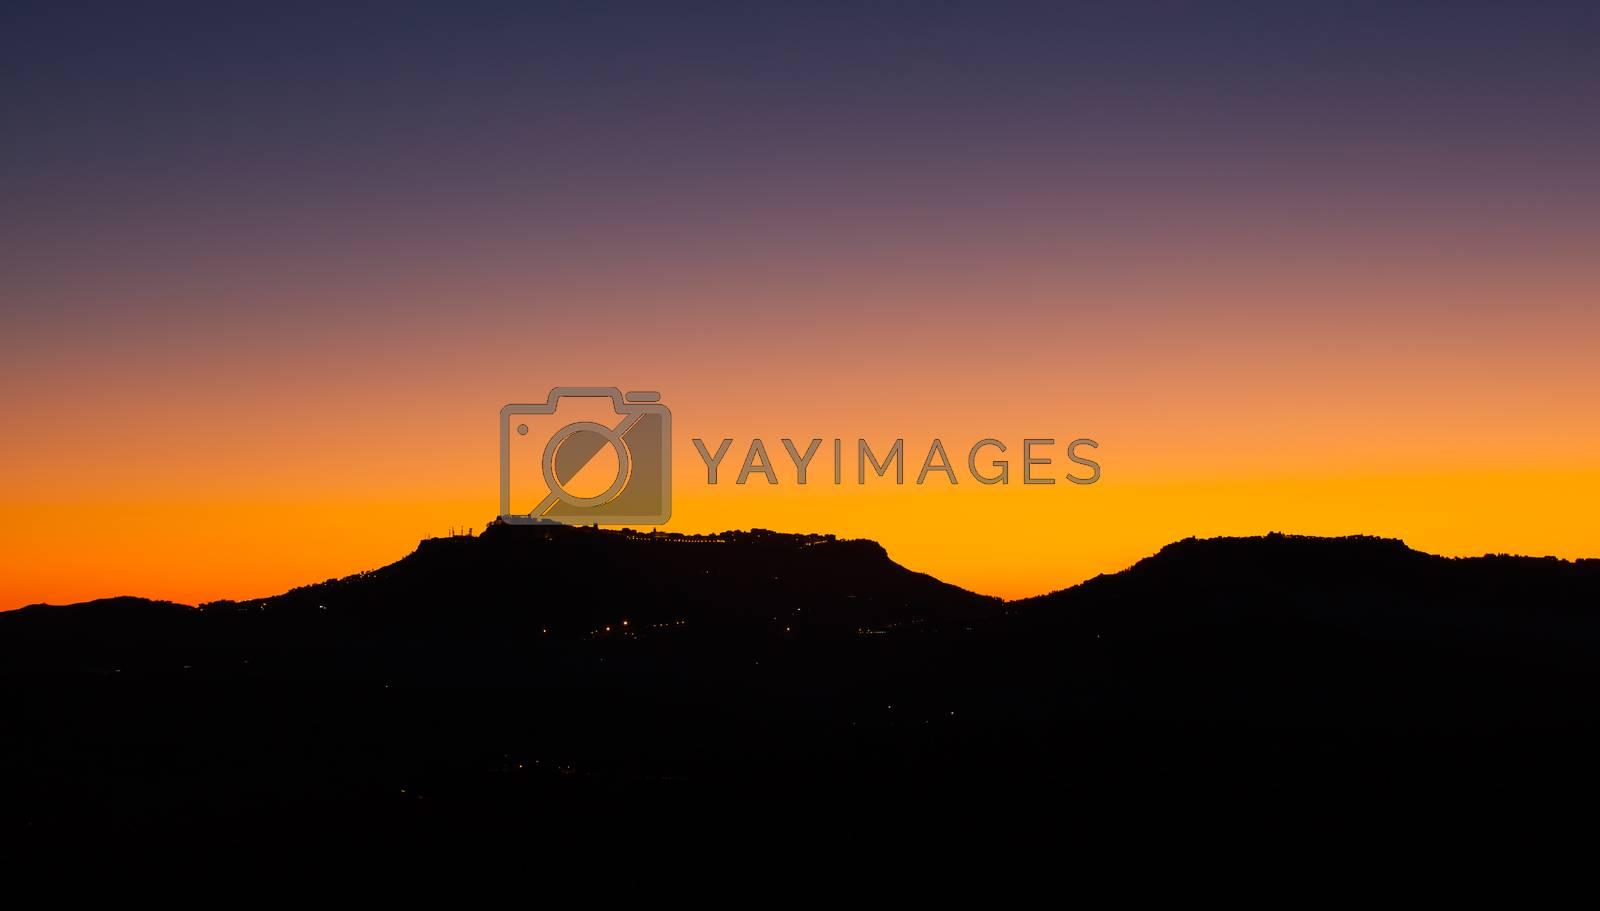 Enna and Calascibetta skyline by bepsimage